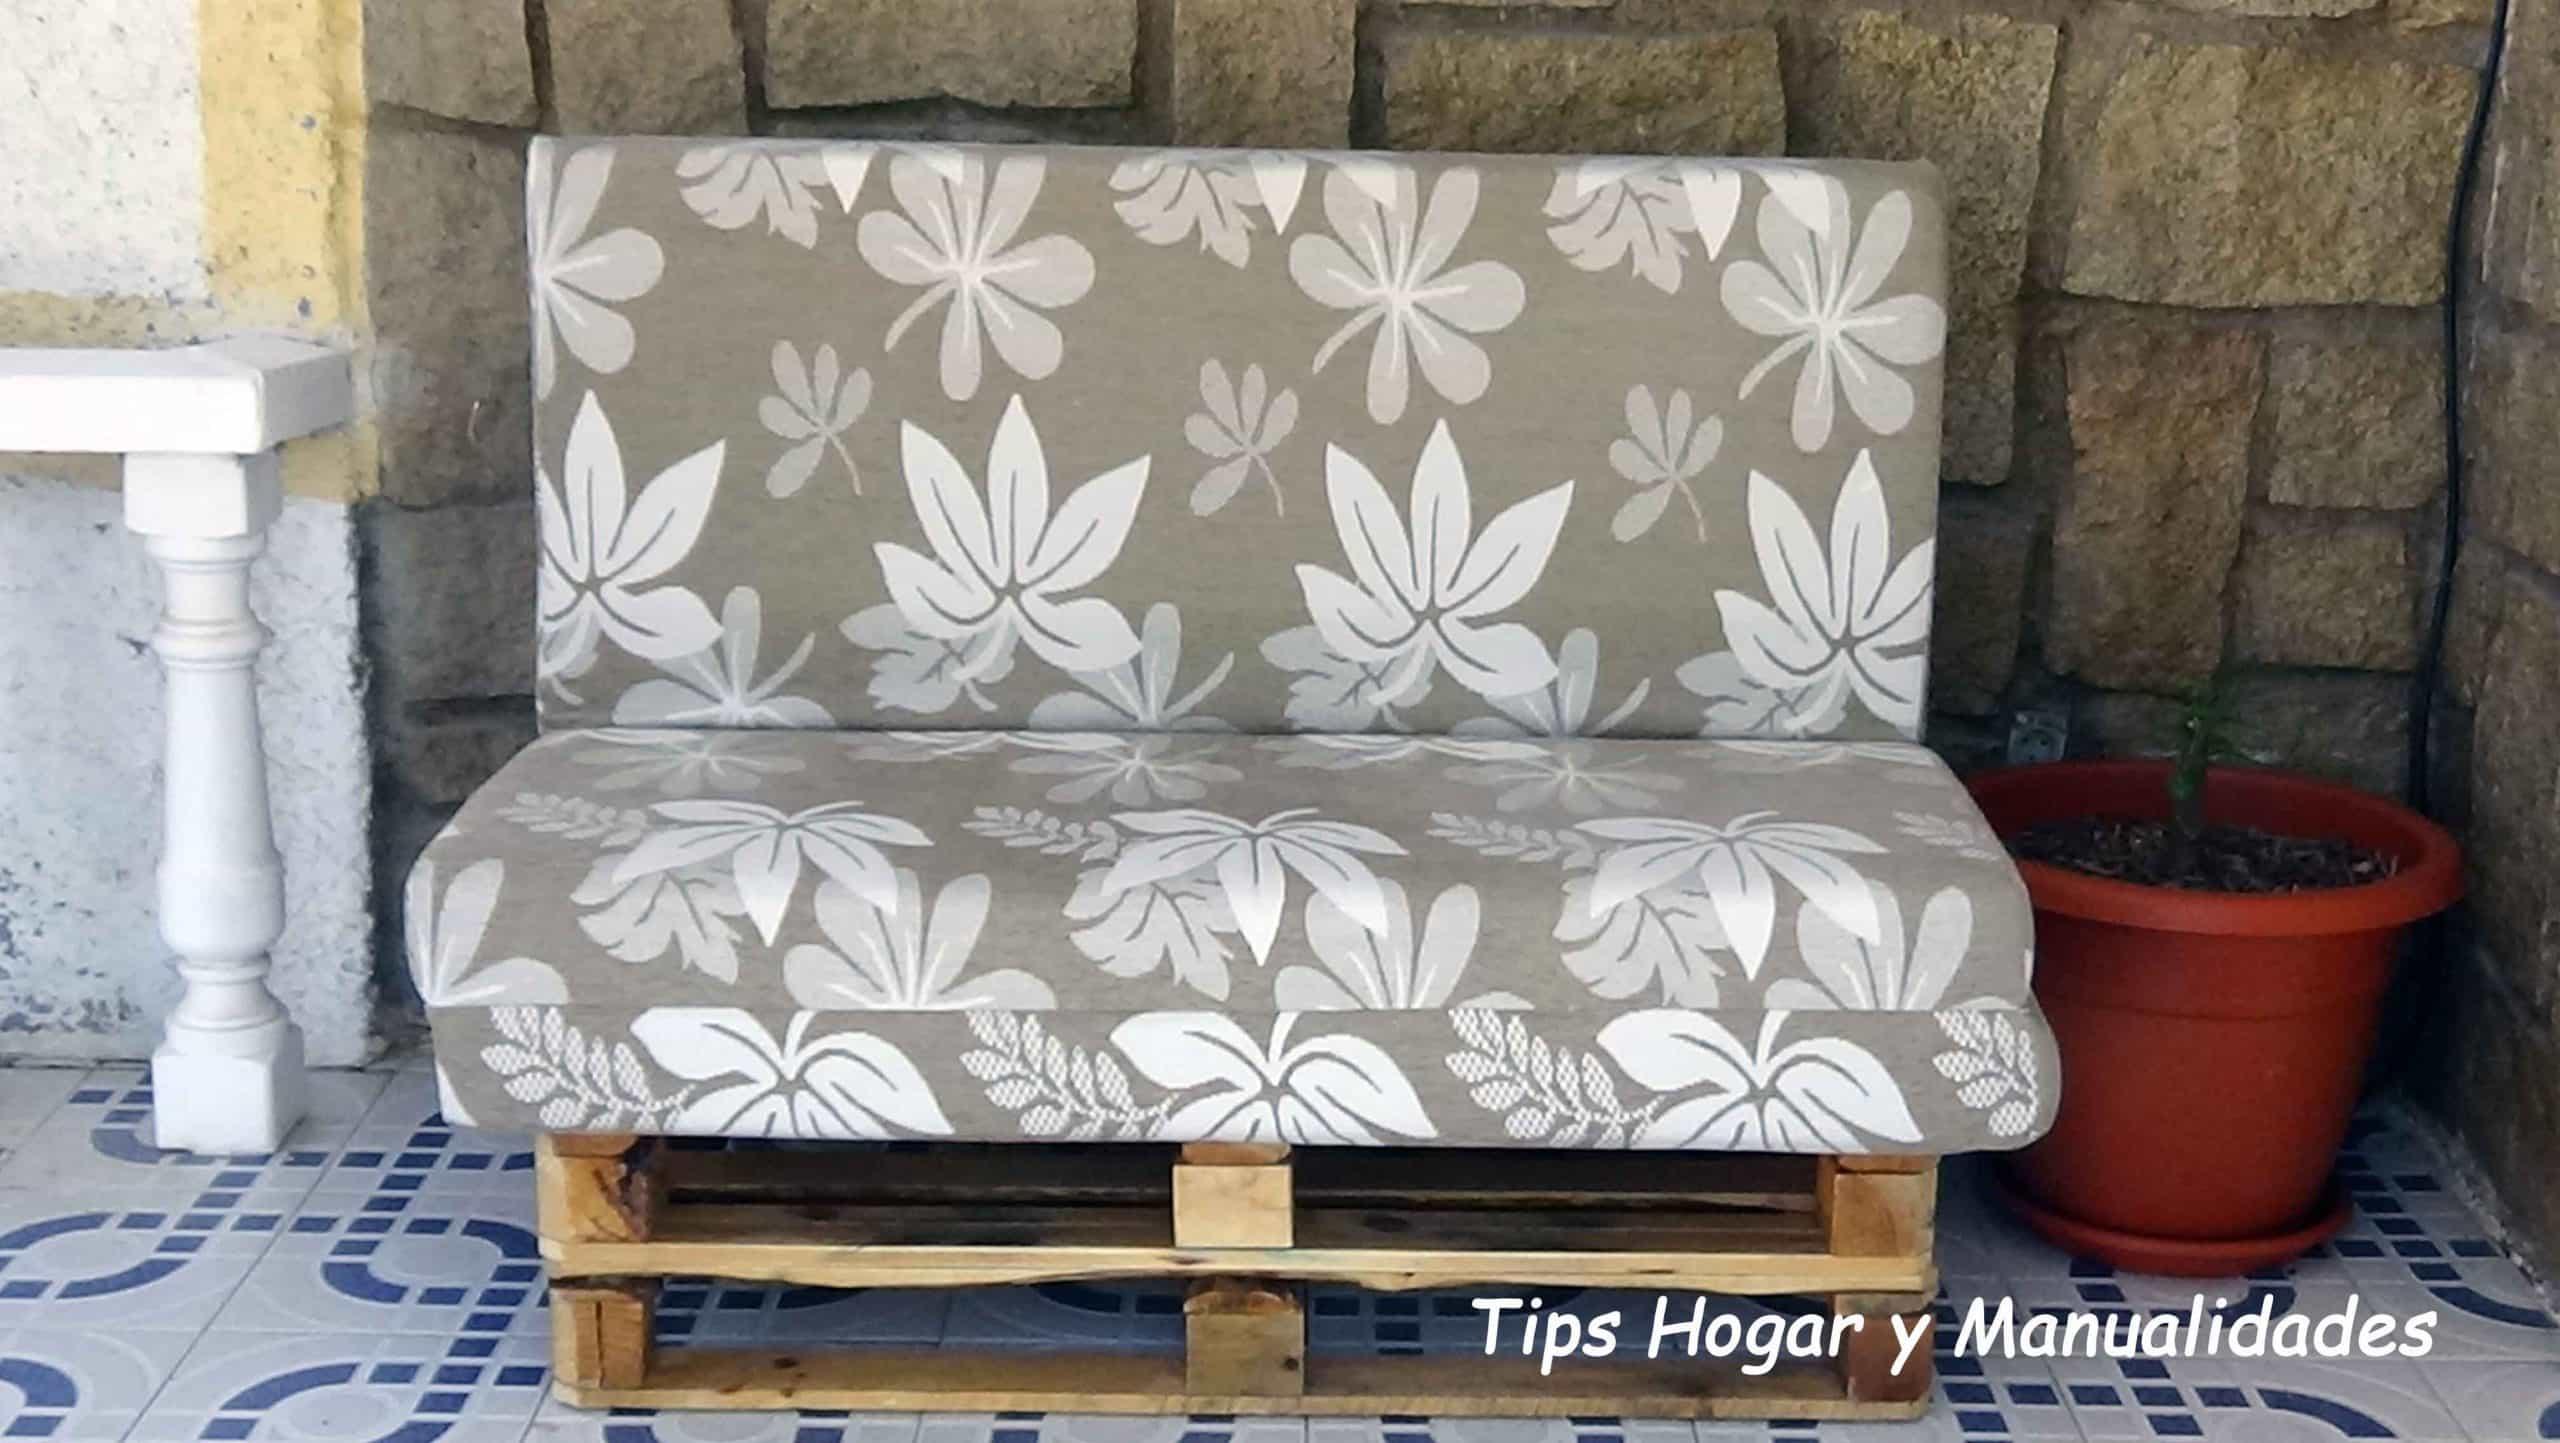 C mo hacer un sof f cil con palets la mansi n de las ideas - Como hacer un sofa de palets ...